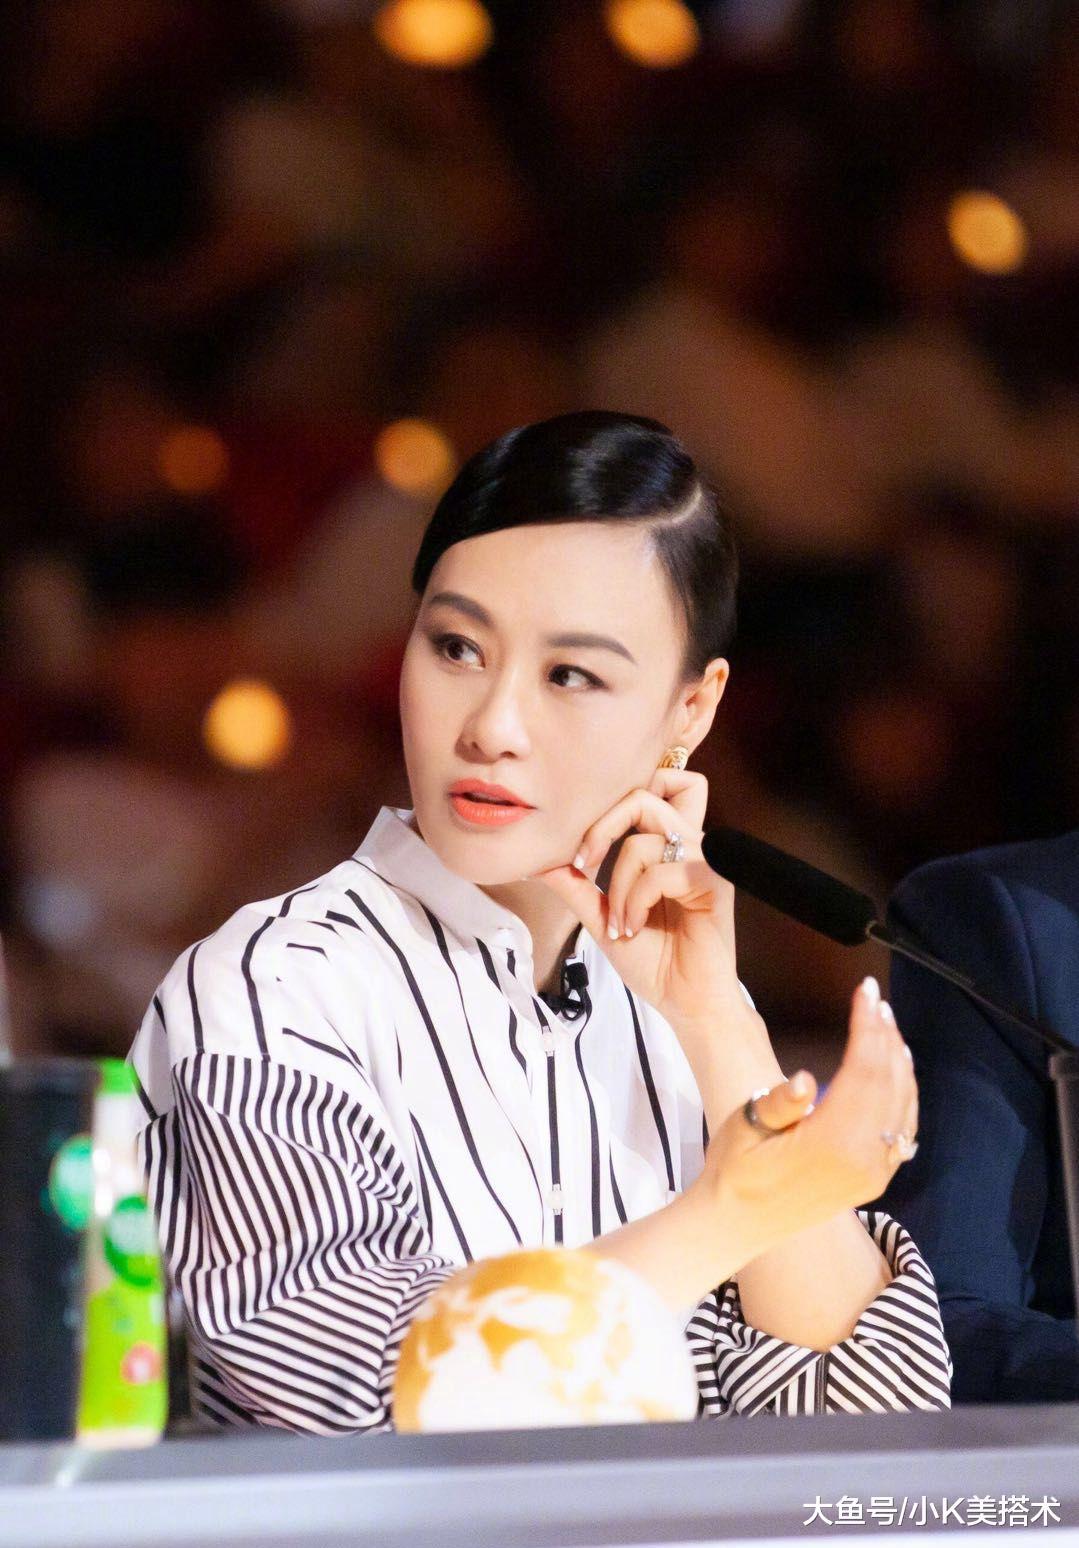 邬君梅新造型撞上戚薇韩雪,条纹衫配纱裙气质减龄,哪像53岁了?